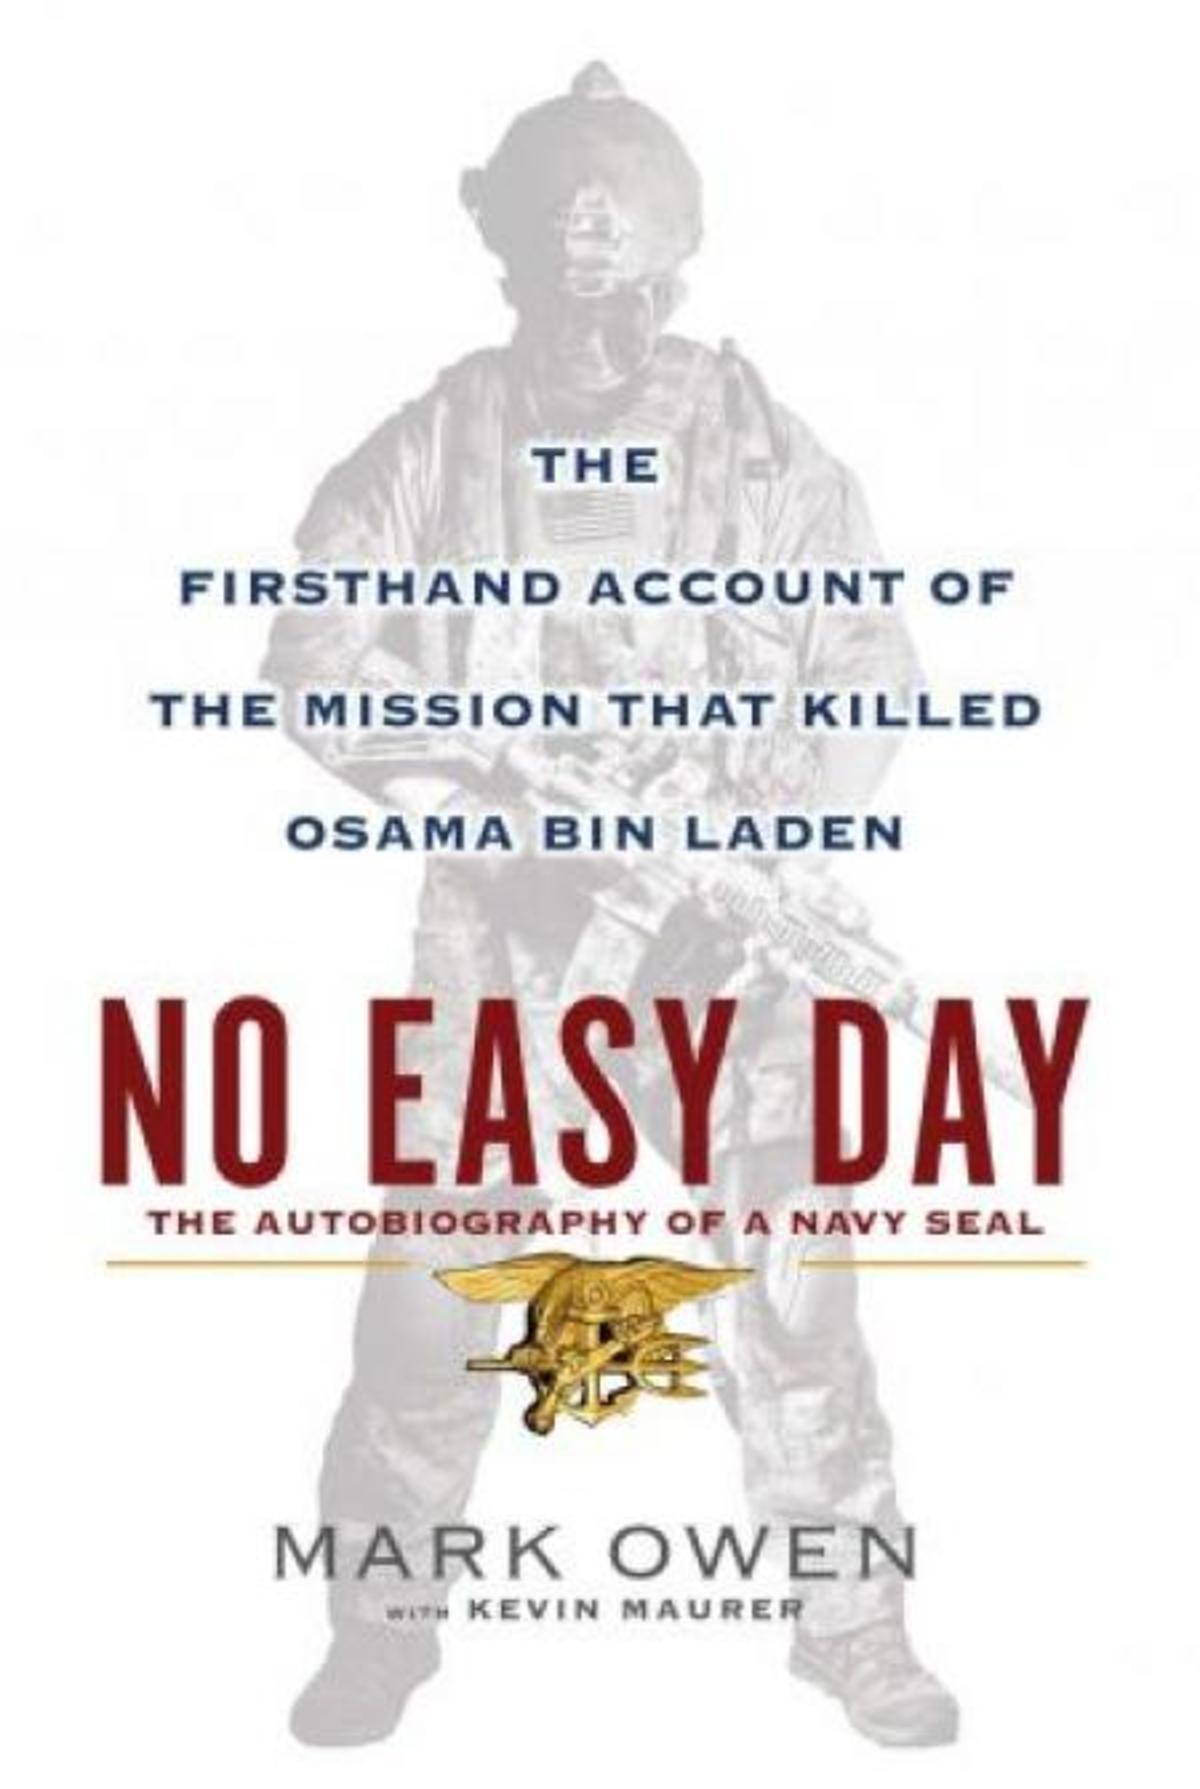 Βιβλίο Navy Seal για την «επιχείρηση Μπιν Λάντεν» | Newsit.gr